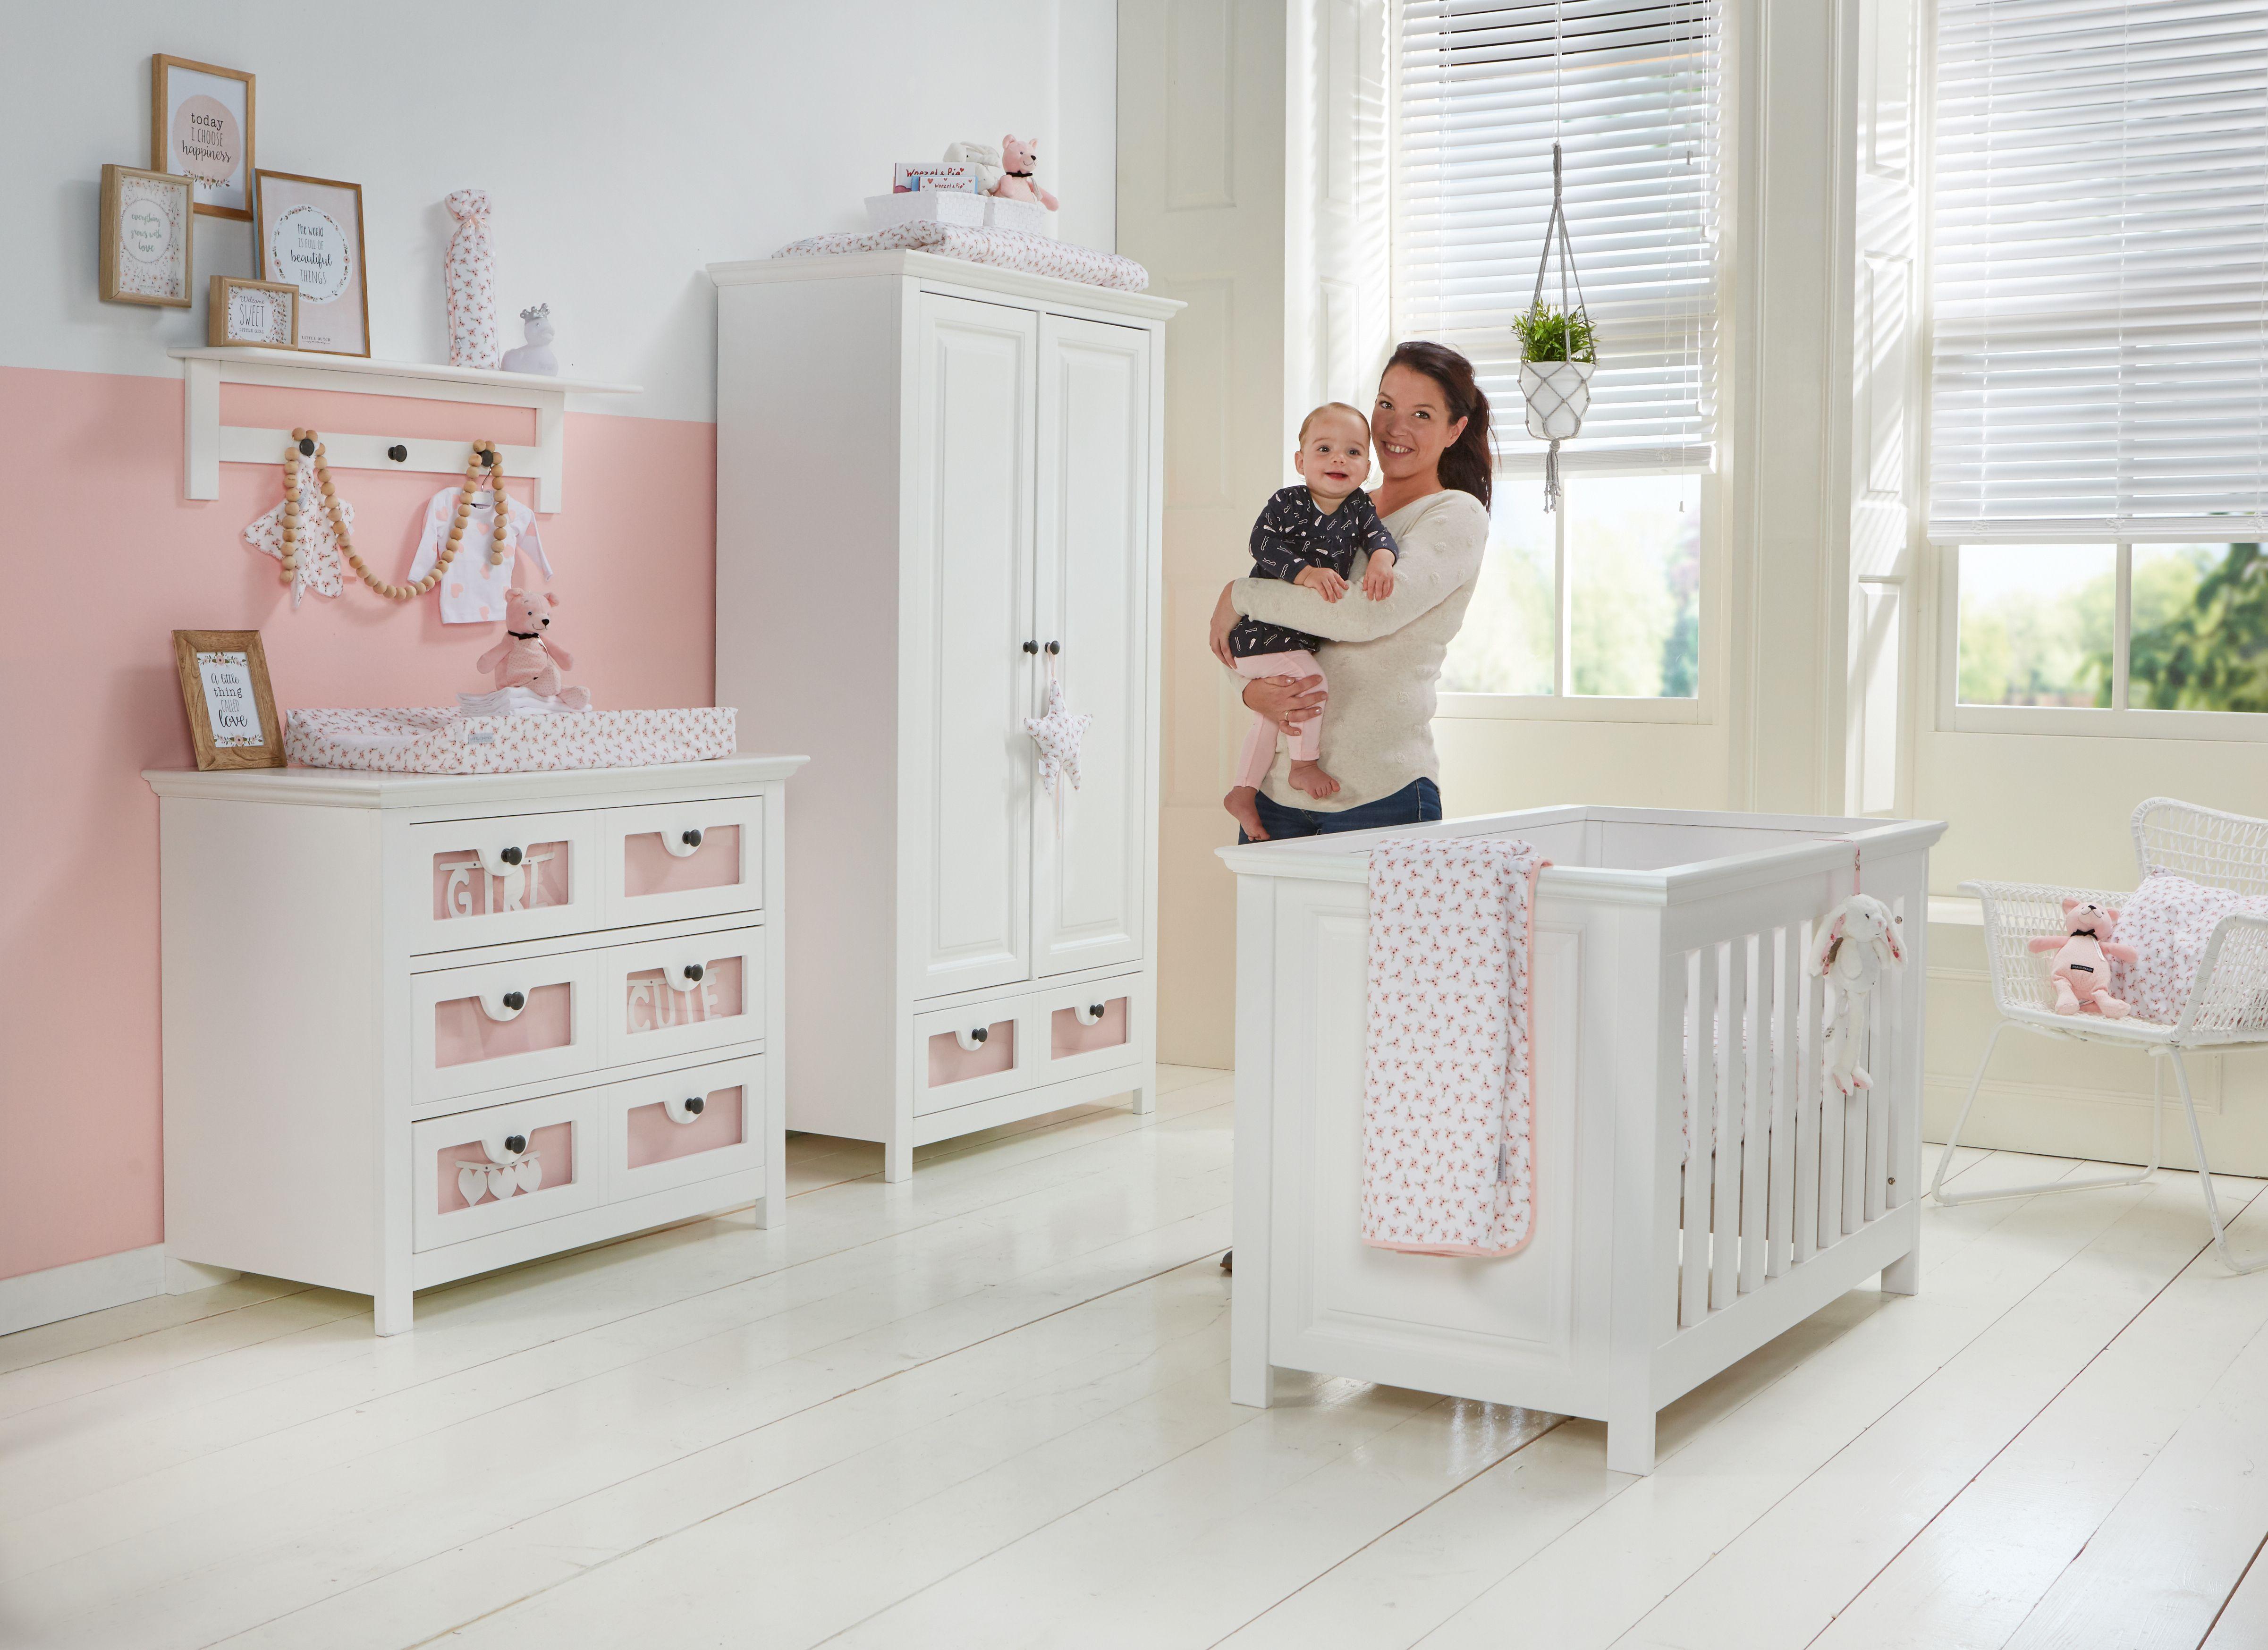 babykamer vista van het merk twf.   babykamers (ons assortiment, Deco ideeën